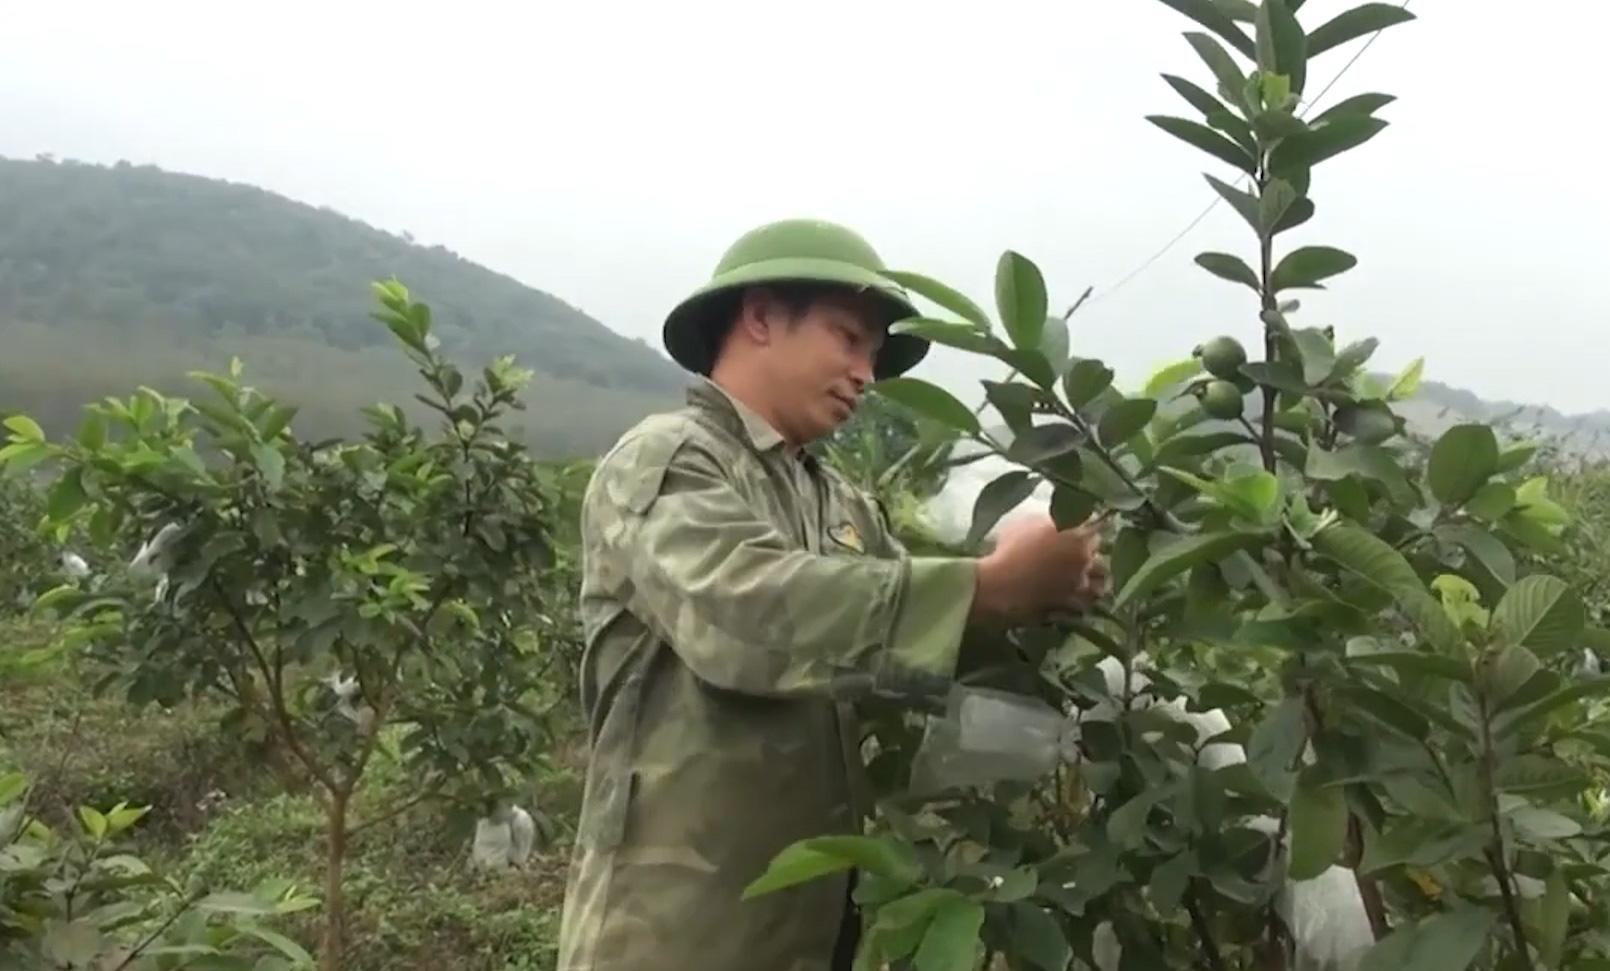 Trồng ổi lê Đài Loan trên đất đồi Thanh Hóa, nông dân đổi đời, thu về cả tỷ đồng - Ảnh 2.